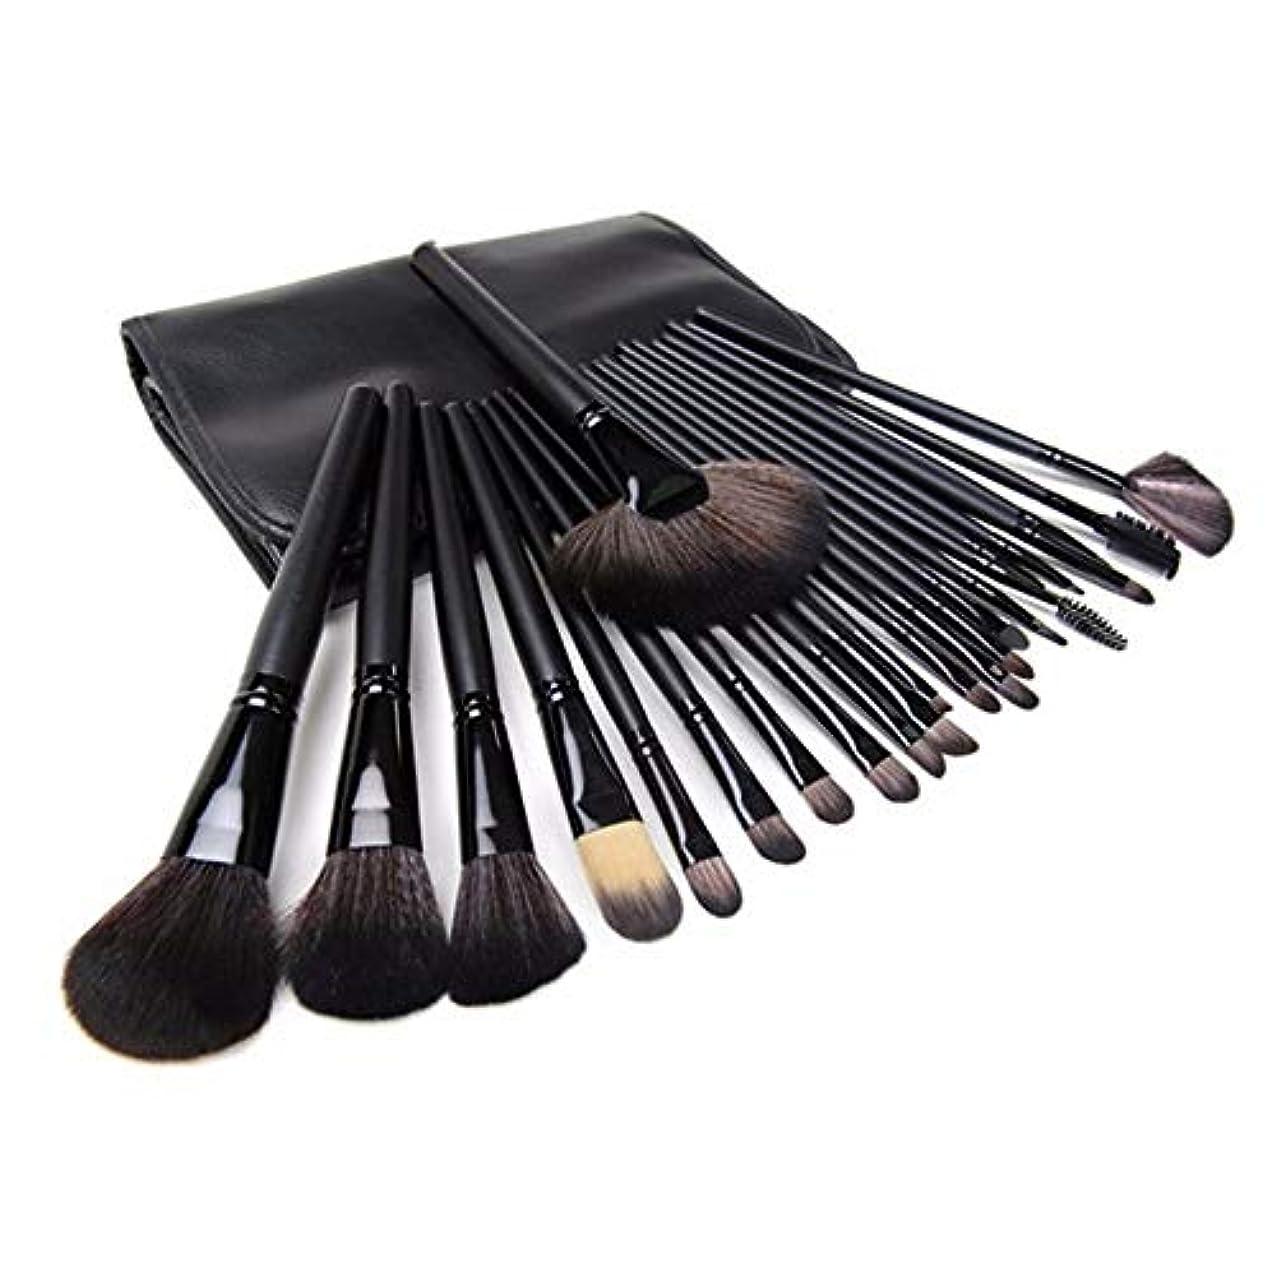 緩む真珠のような小人Makeup brushes メイクアップバッグ、24ピースメイクアップブラシ完熟セミシンセティックファンデーションブラッシュコンシーラーアイシャドウリップバーム、メイクアップブラシセット suits (Color :...